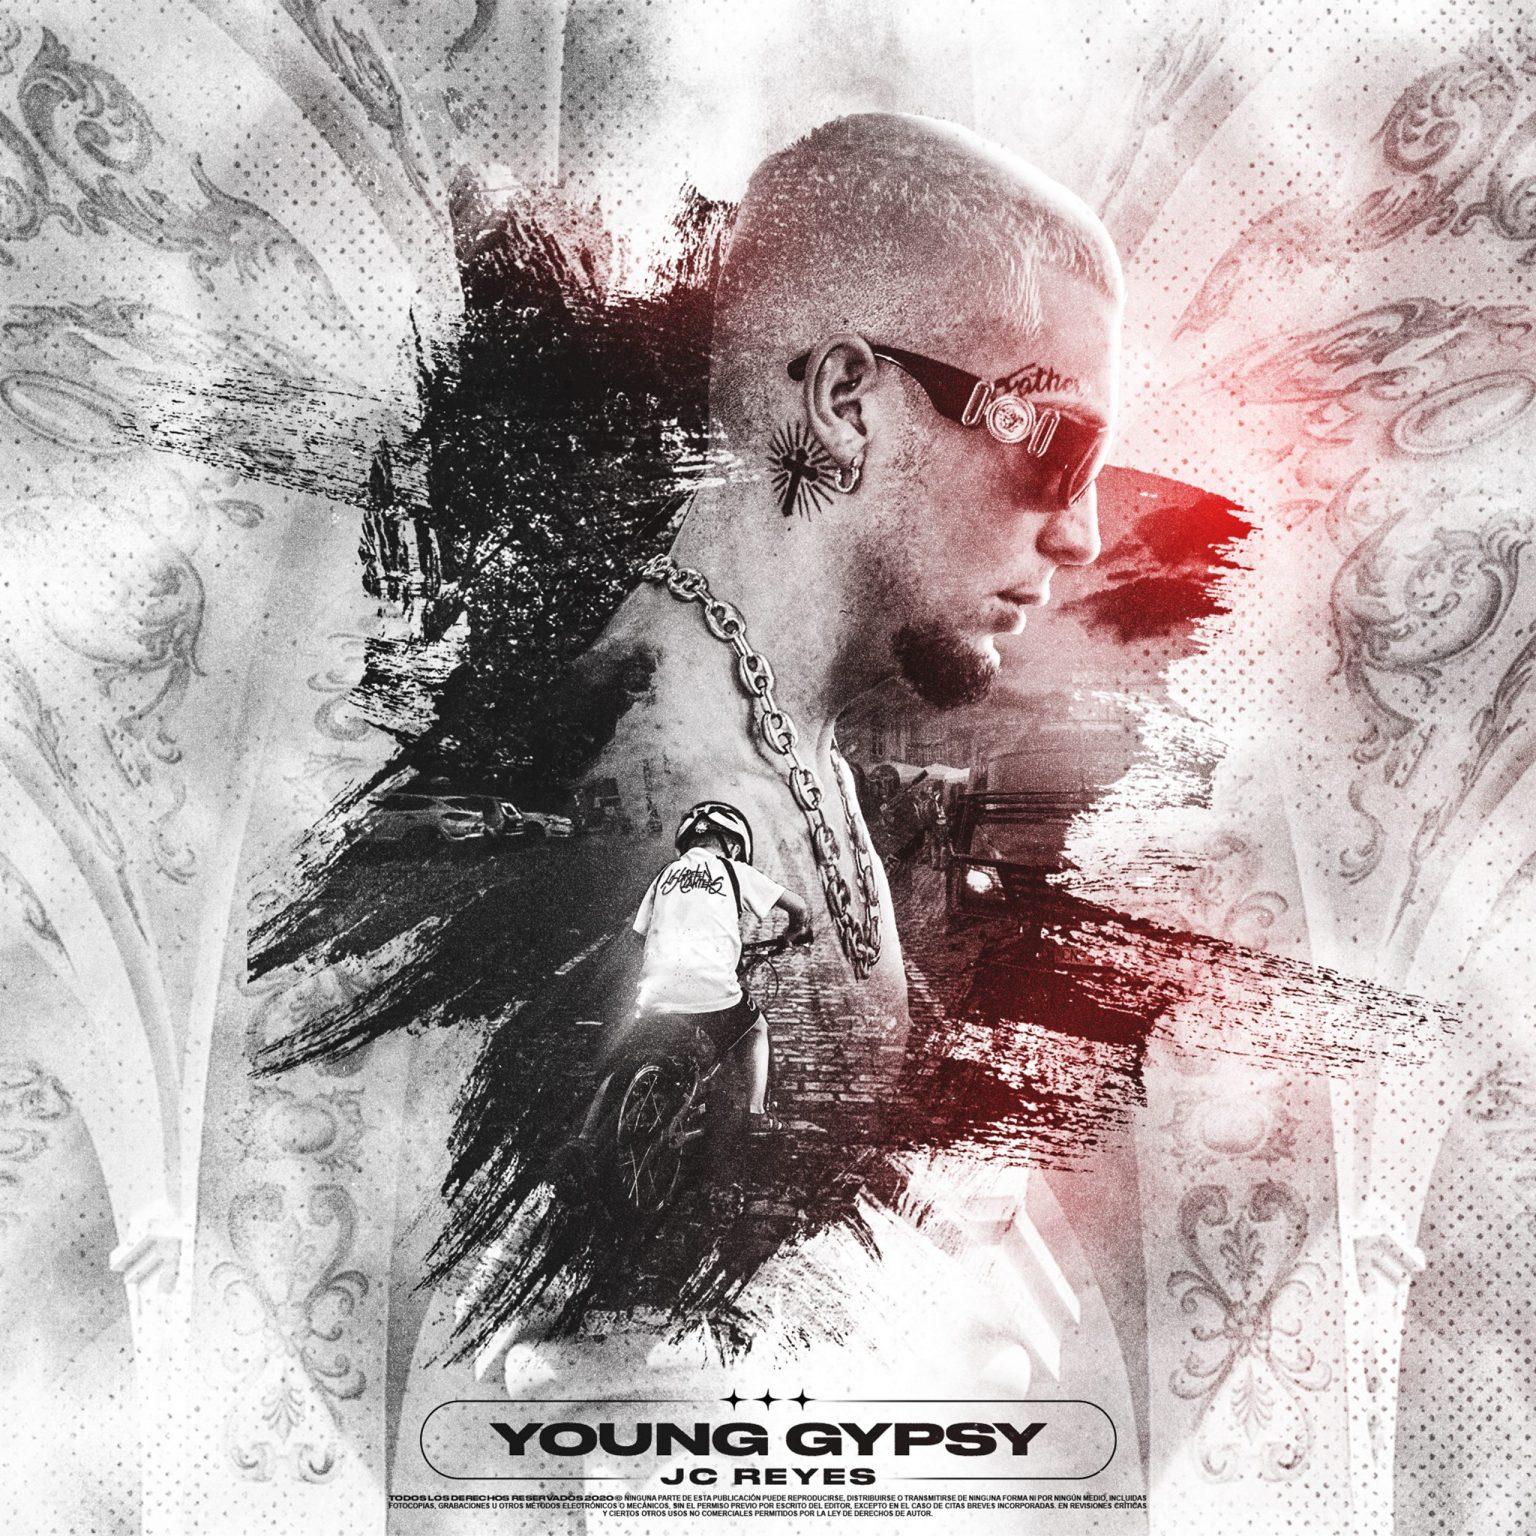 YOUNG-GYPSY-3000x3000